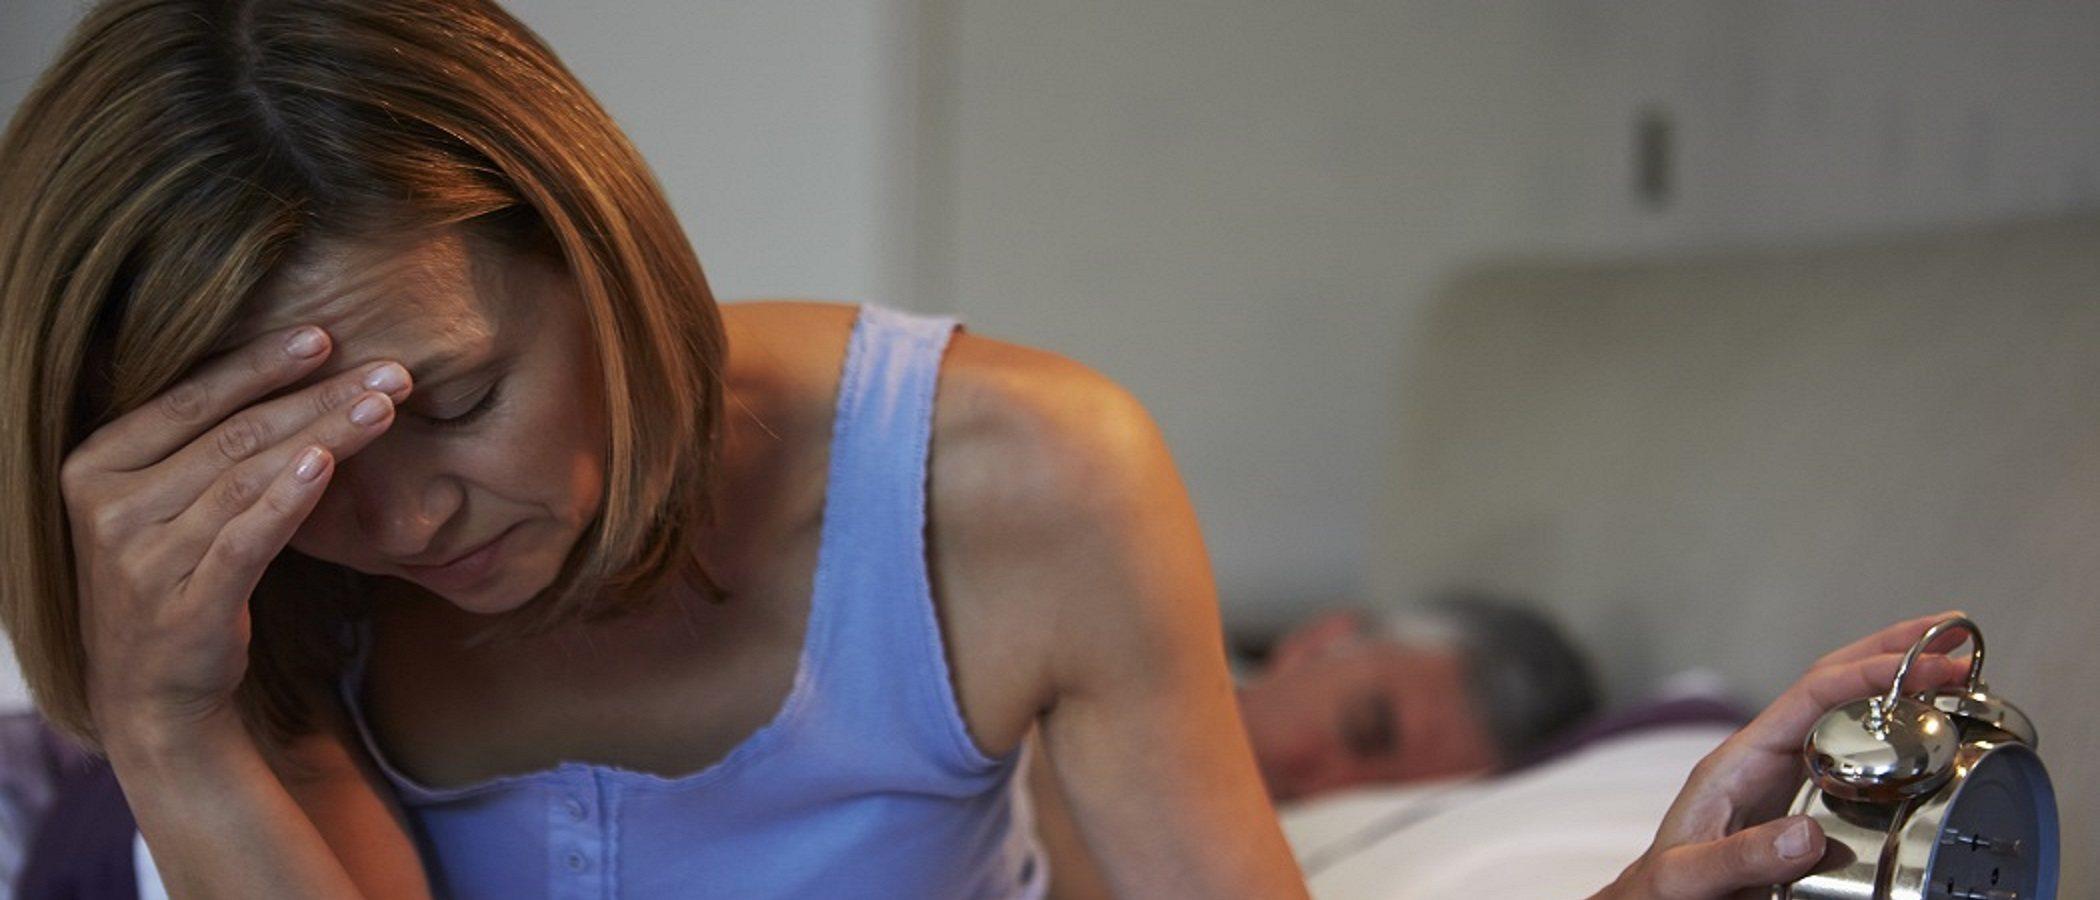 El insomnio de las madres durante el confinamiento